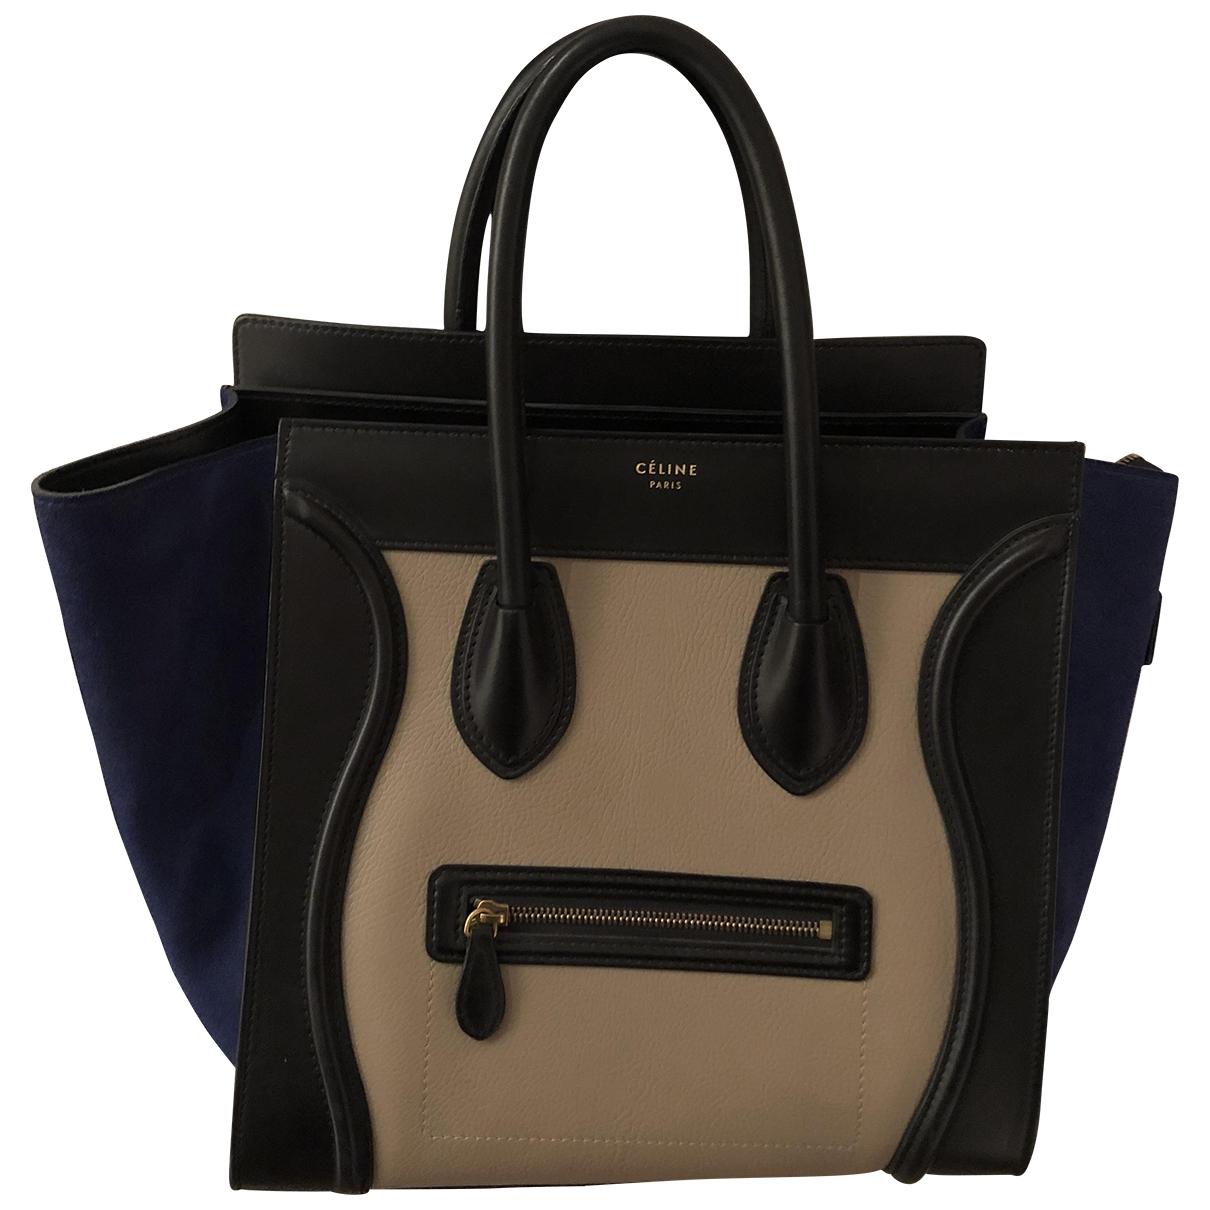 Celine - Sac a main Luggage pour femme en cuir - beige